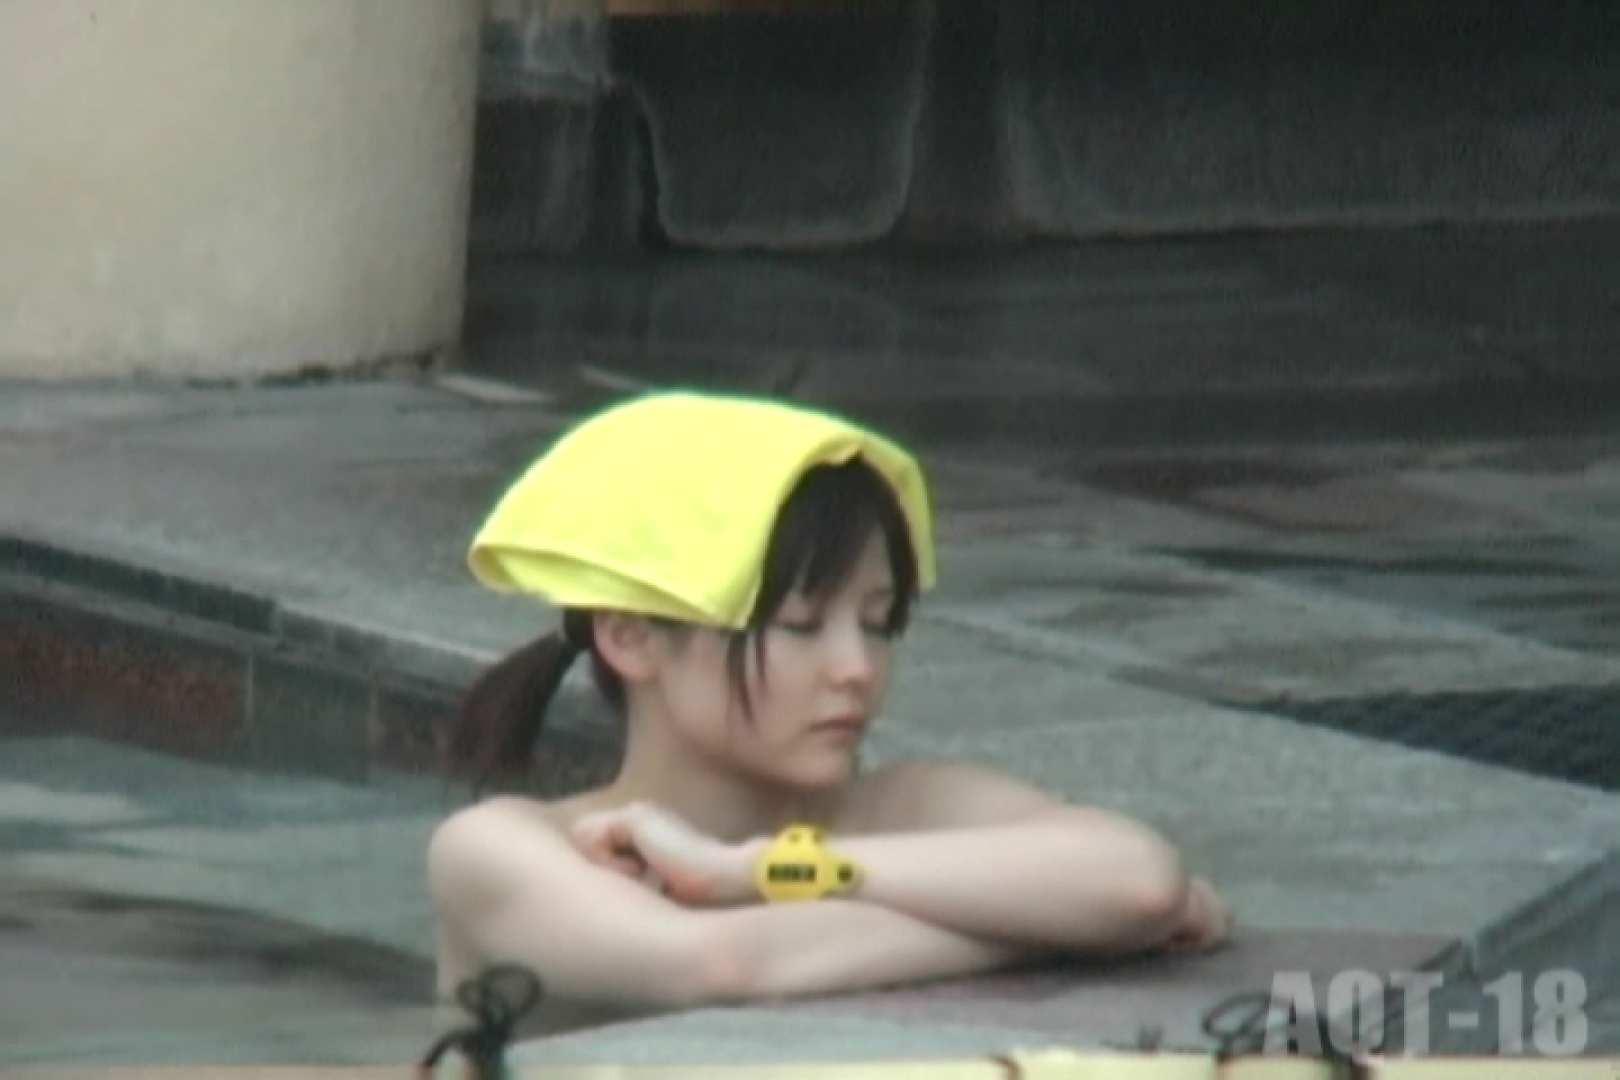 女露天風呂劇場 Vol.10 OLの実態 | 潜伏露天風呂  90pic 87